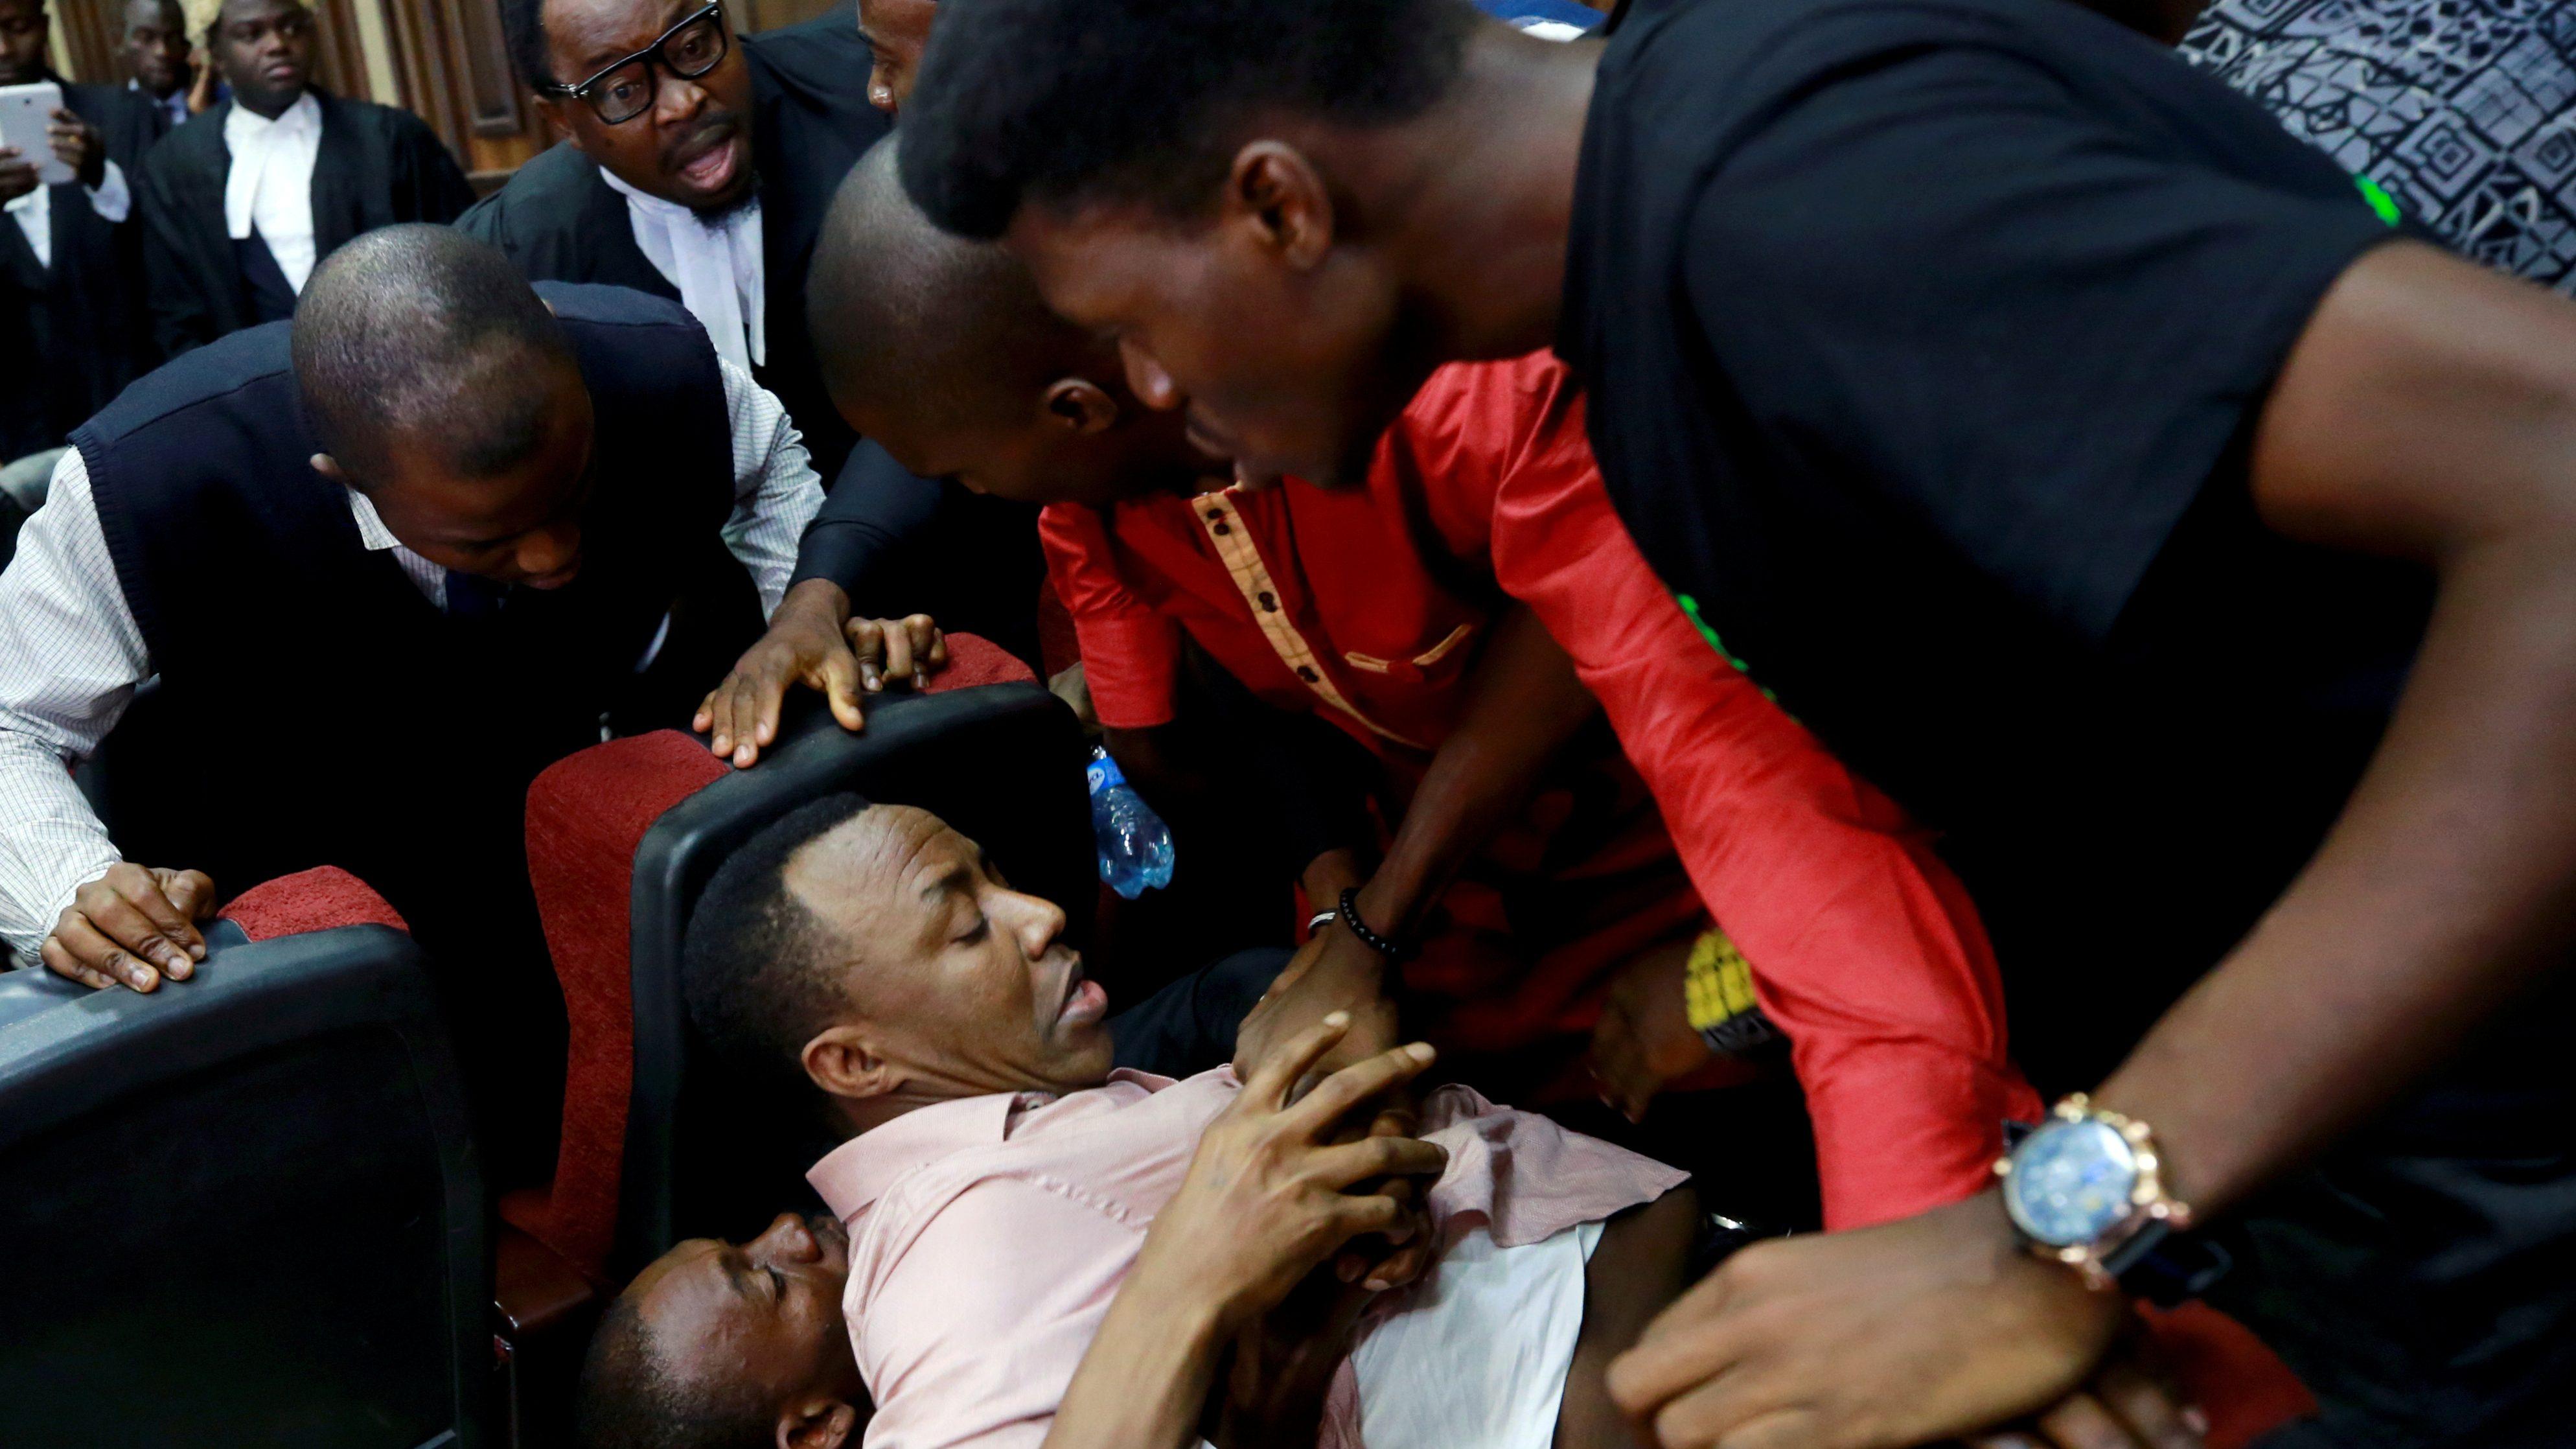 Nigeria under Buhari has been crushing press freedom